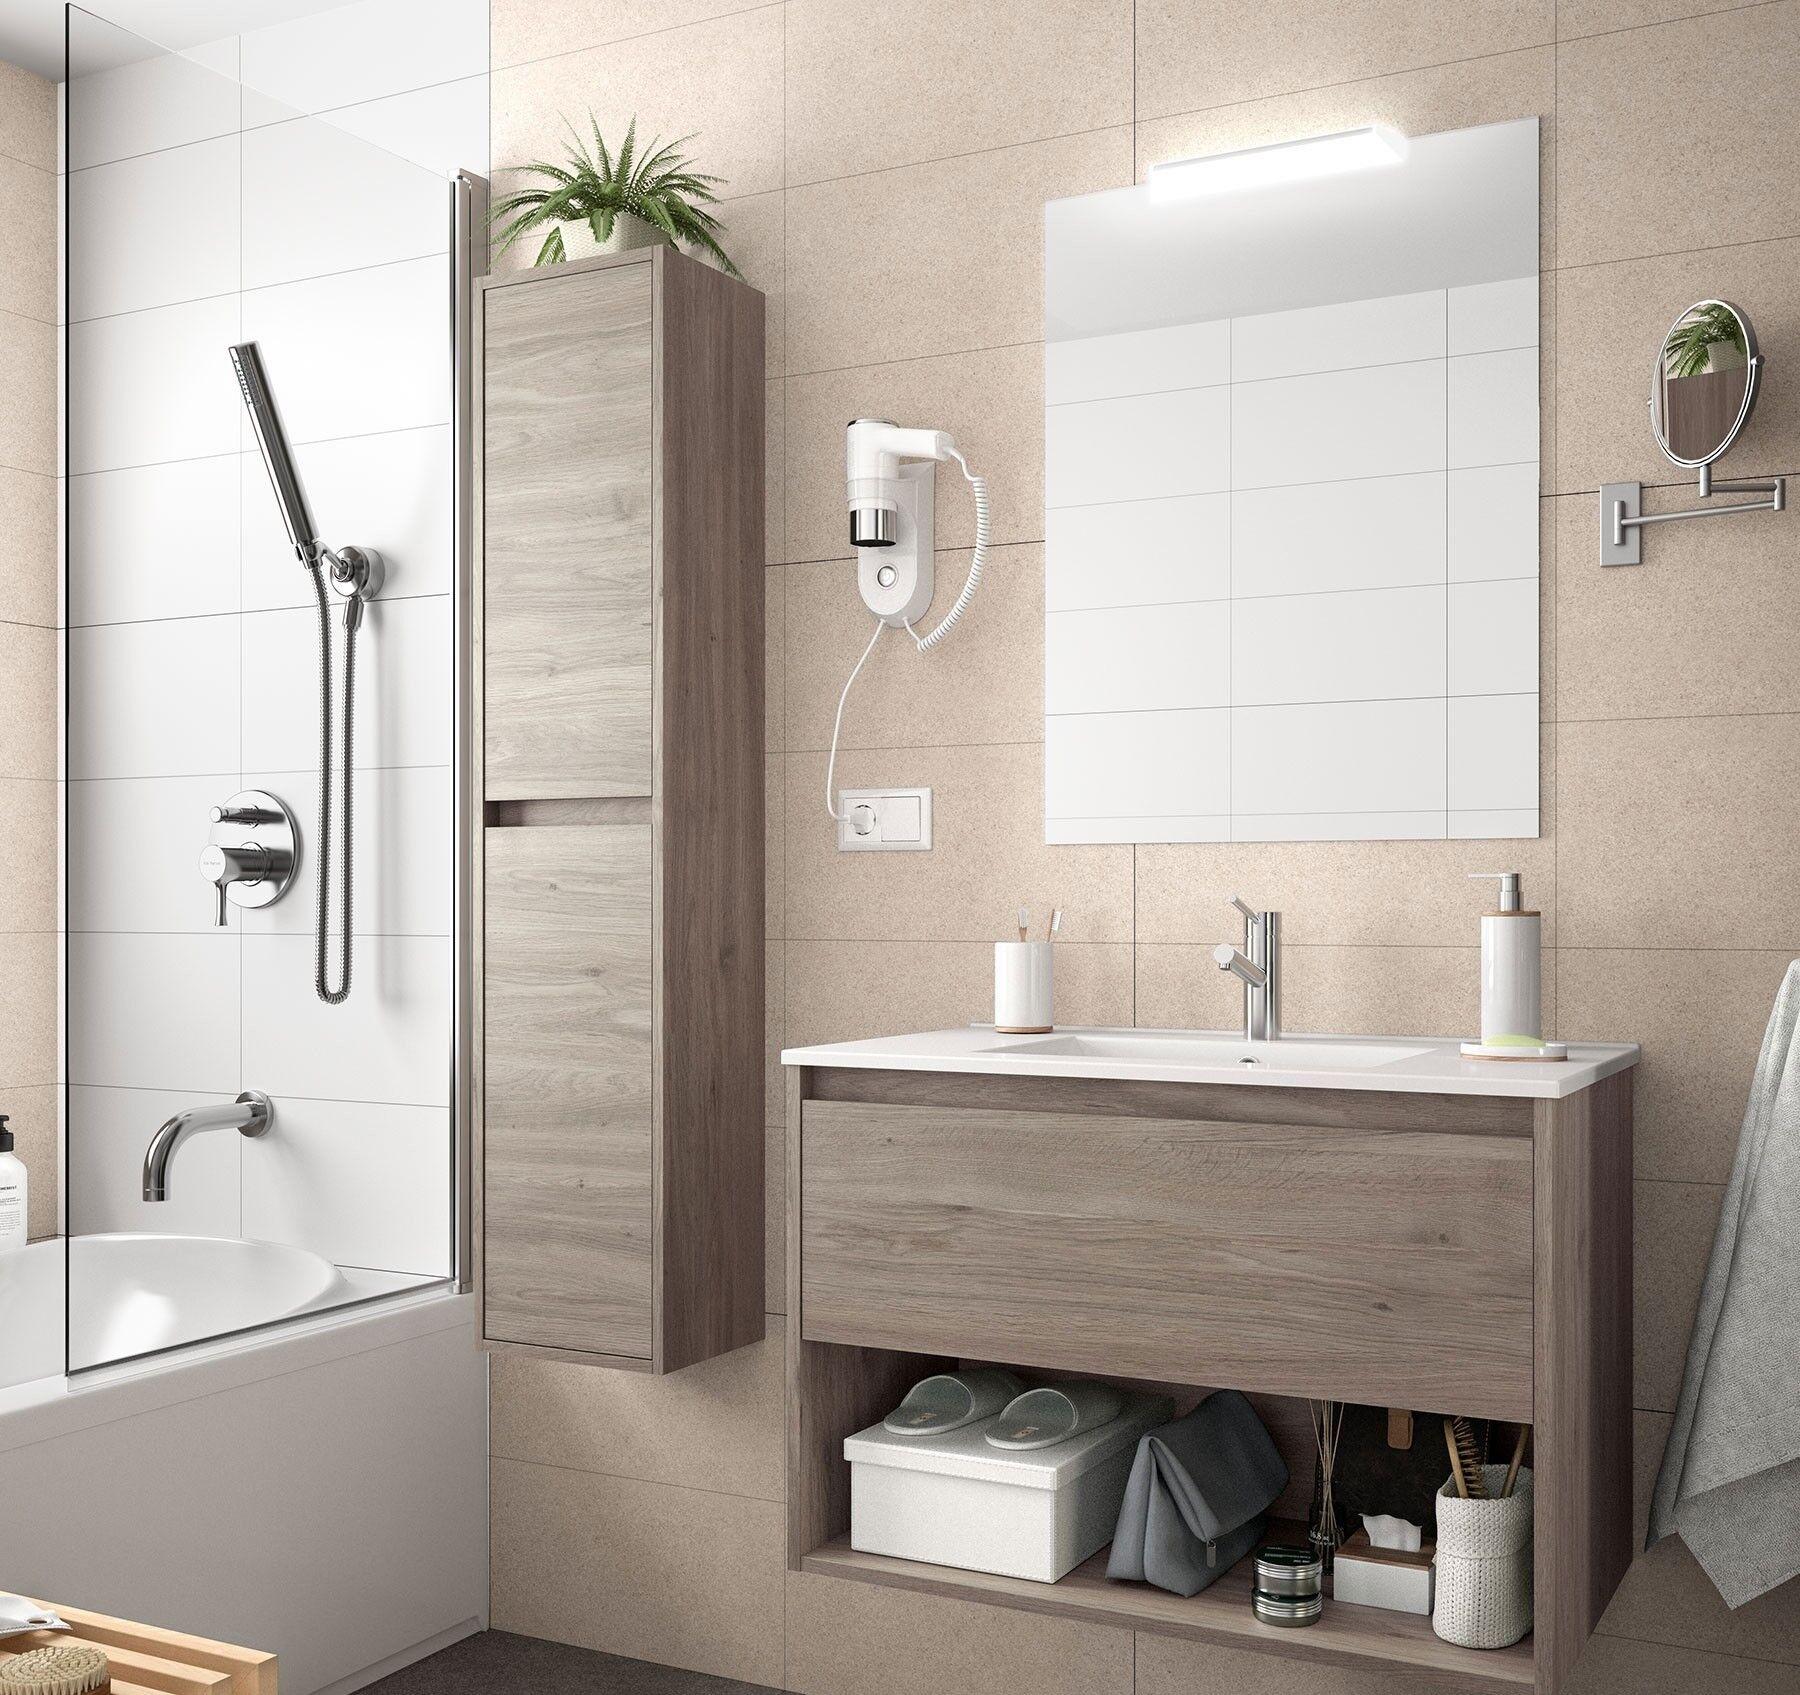 CAESAROO Meuble de salle de bain suspendu 100 cm Chêne eternity avec un tiroir et un espace   100 cm - Avec double colonne, miroir et lampe à LED